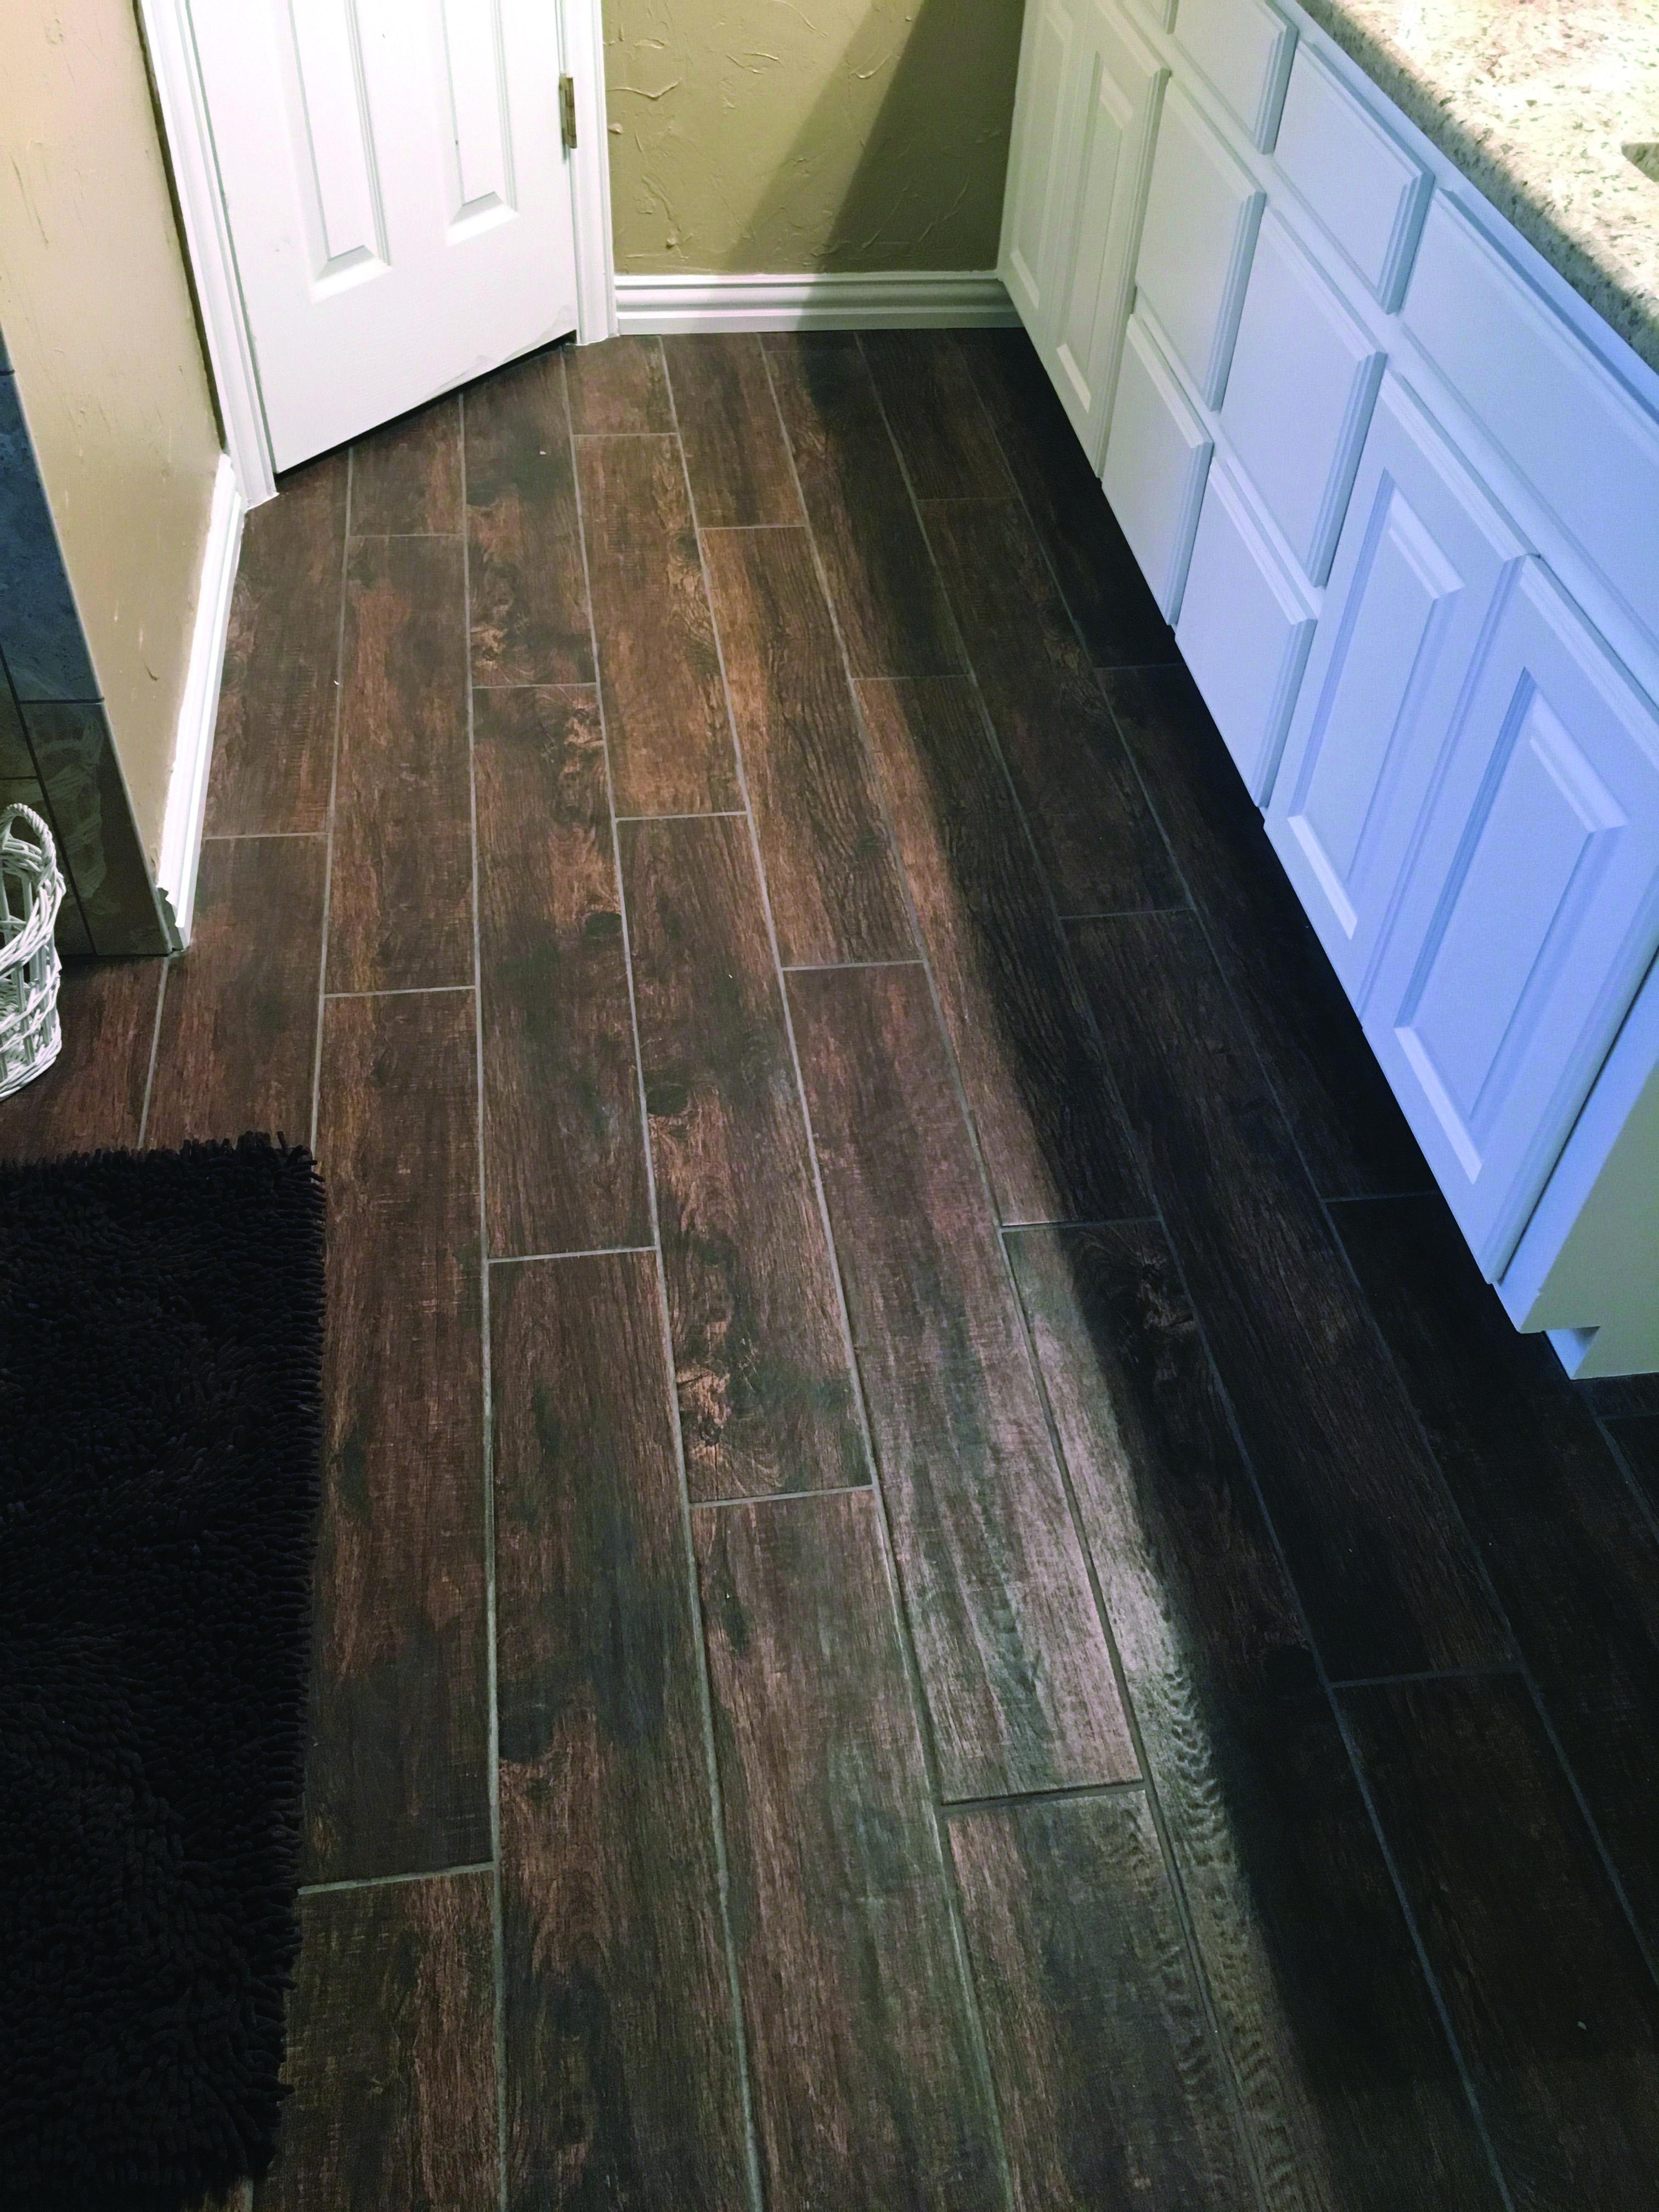 7 Inspiring Ceramic Tile Floors Dova Home Ceramic Floor Tiles Wood Like Tile Flooring Wood Look Tile Floor